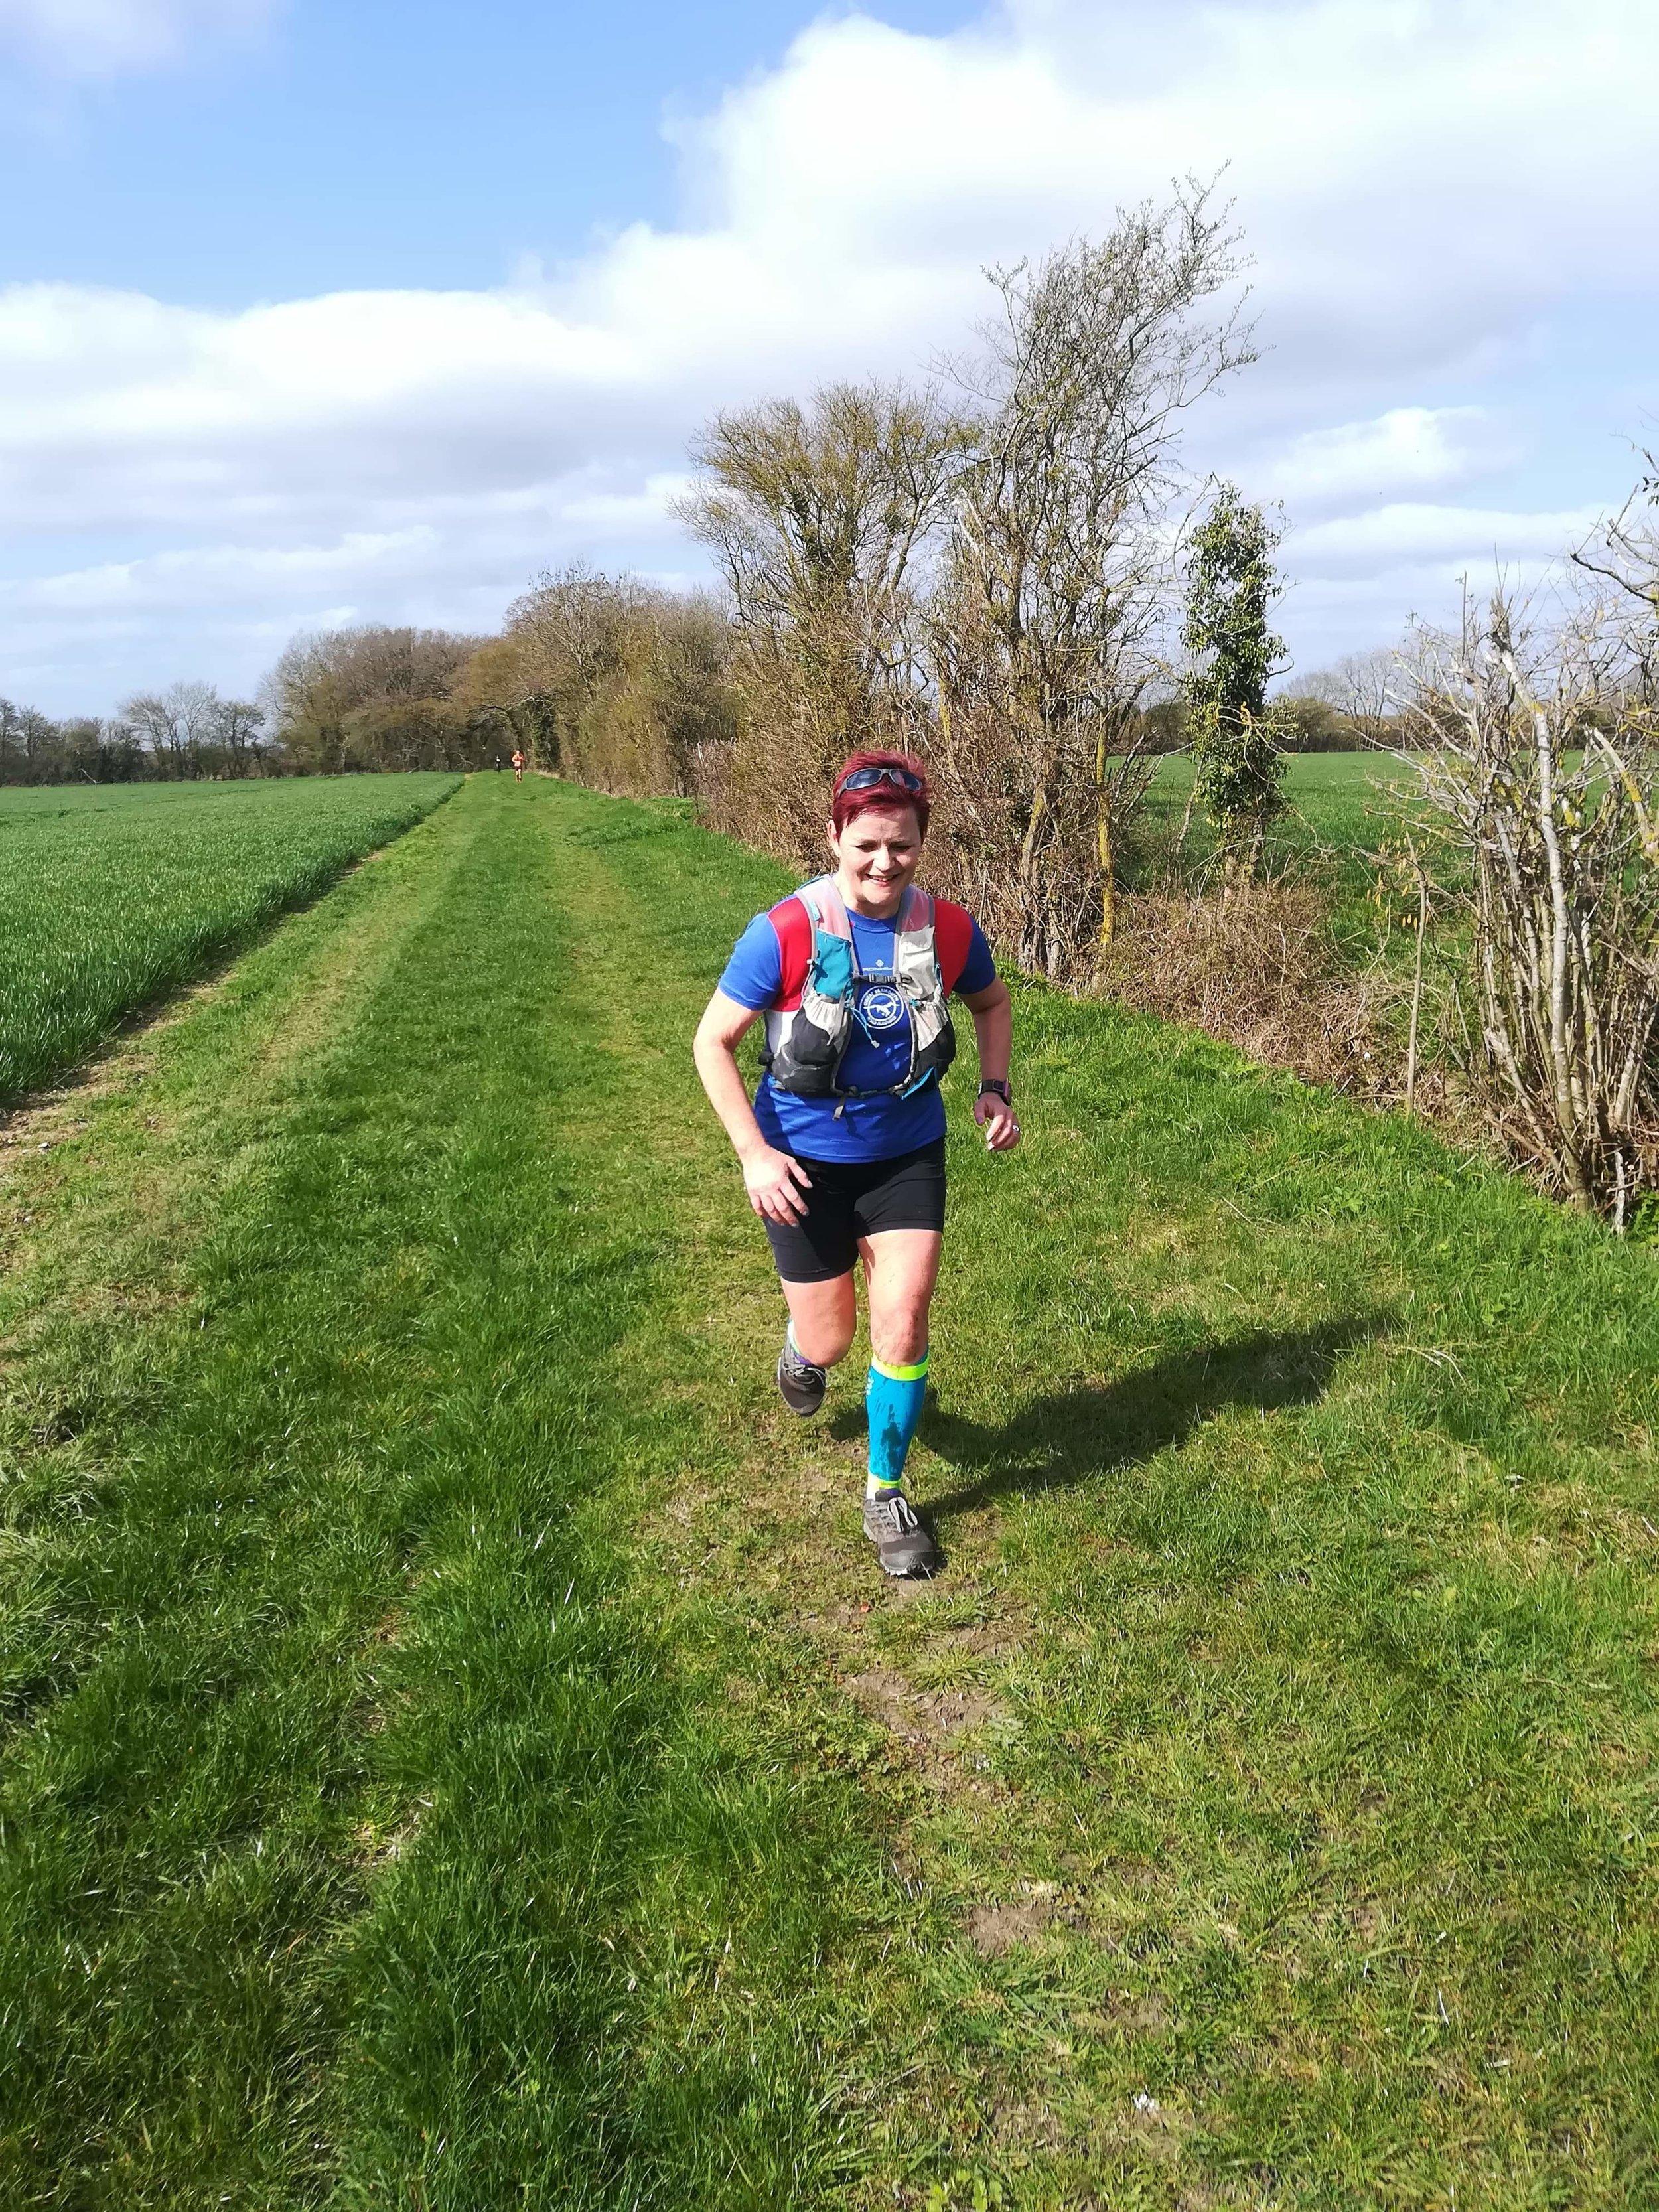 Daffodil Dawdle Trail Marathon 31-3-19.jpeg